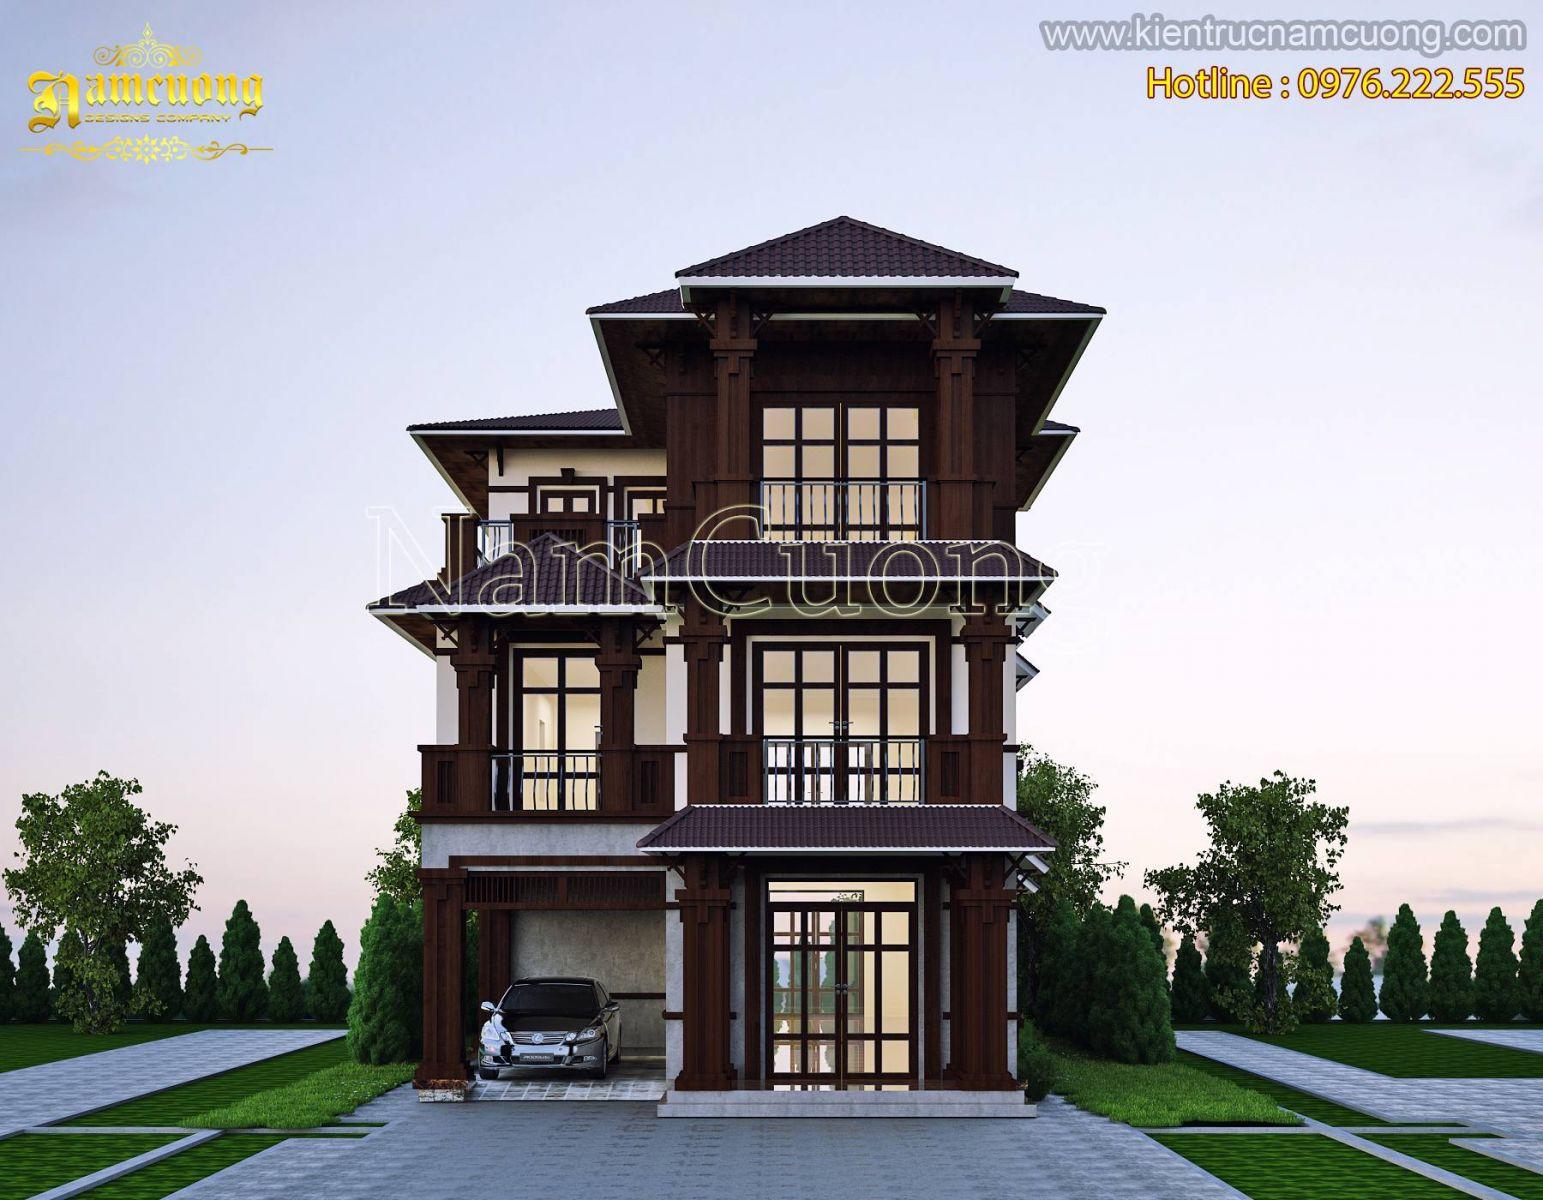 Mẫu biệt thự đẹp phong cách tân cổ điển tại Hà Nội - BTCD 026